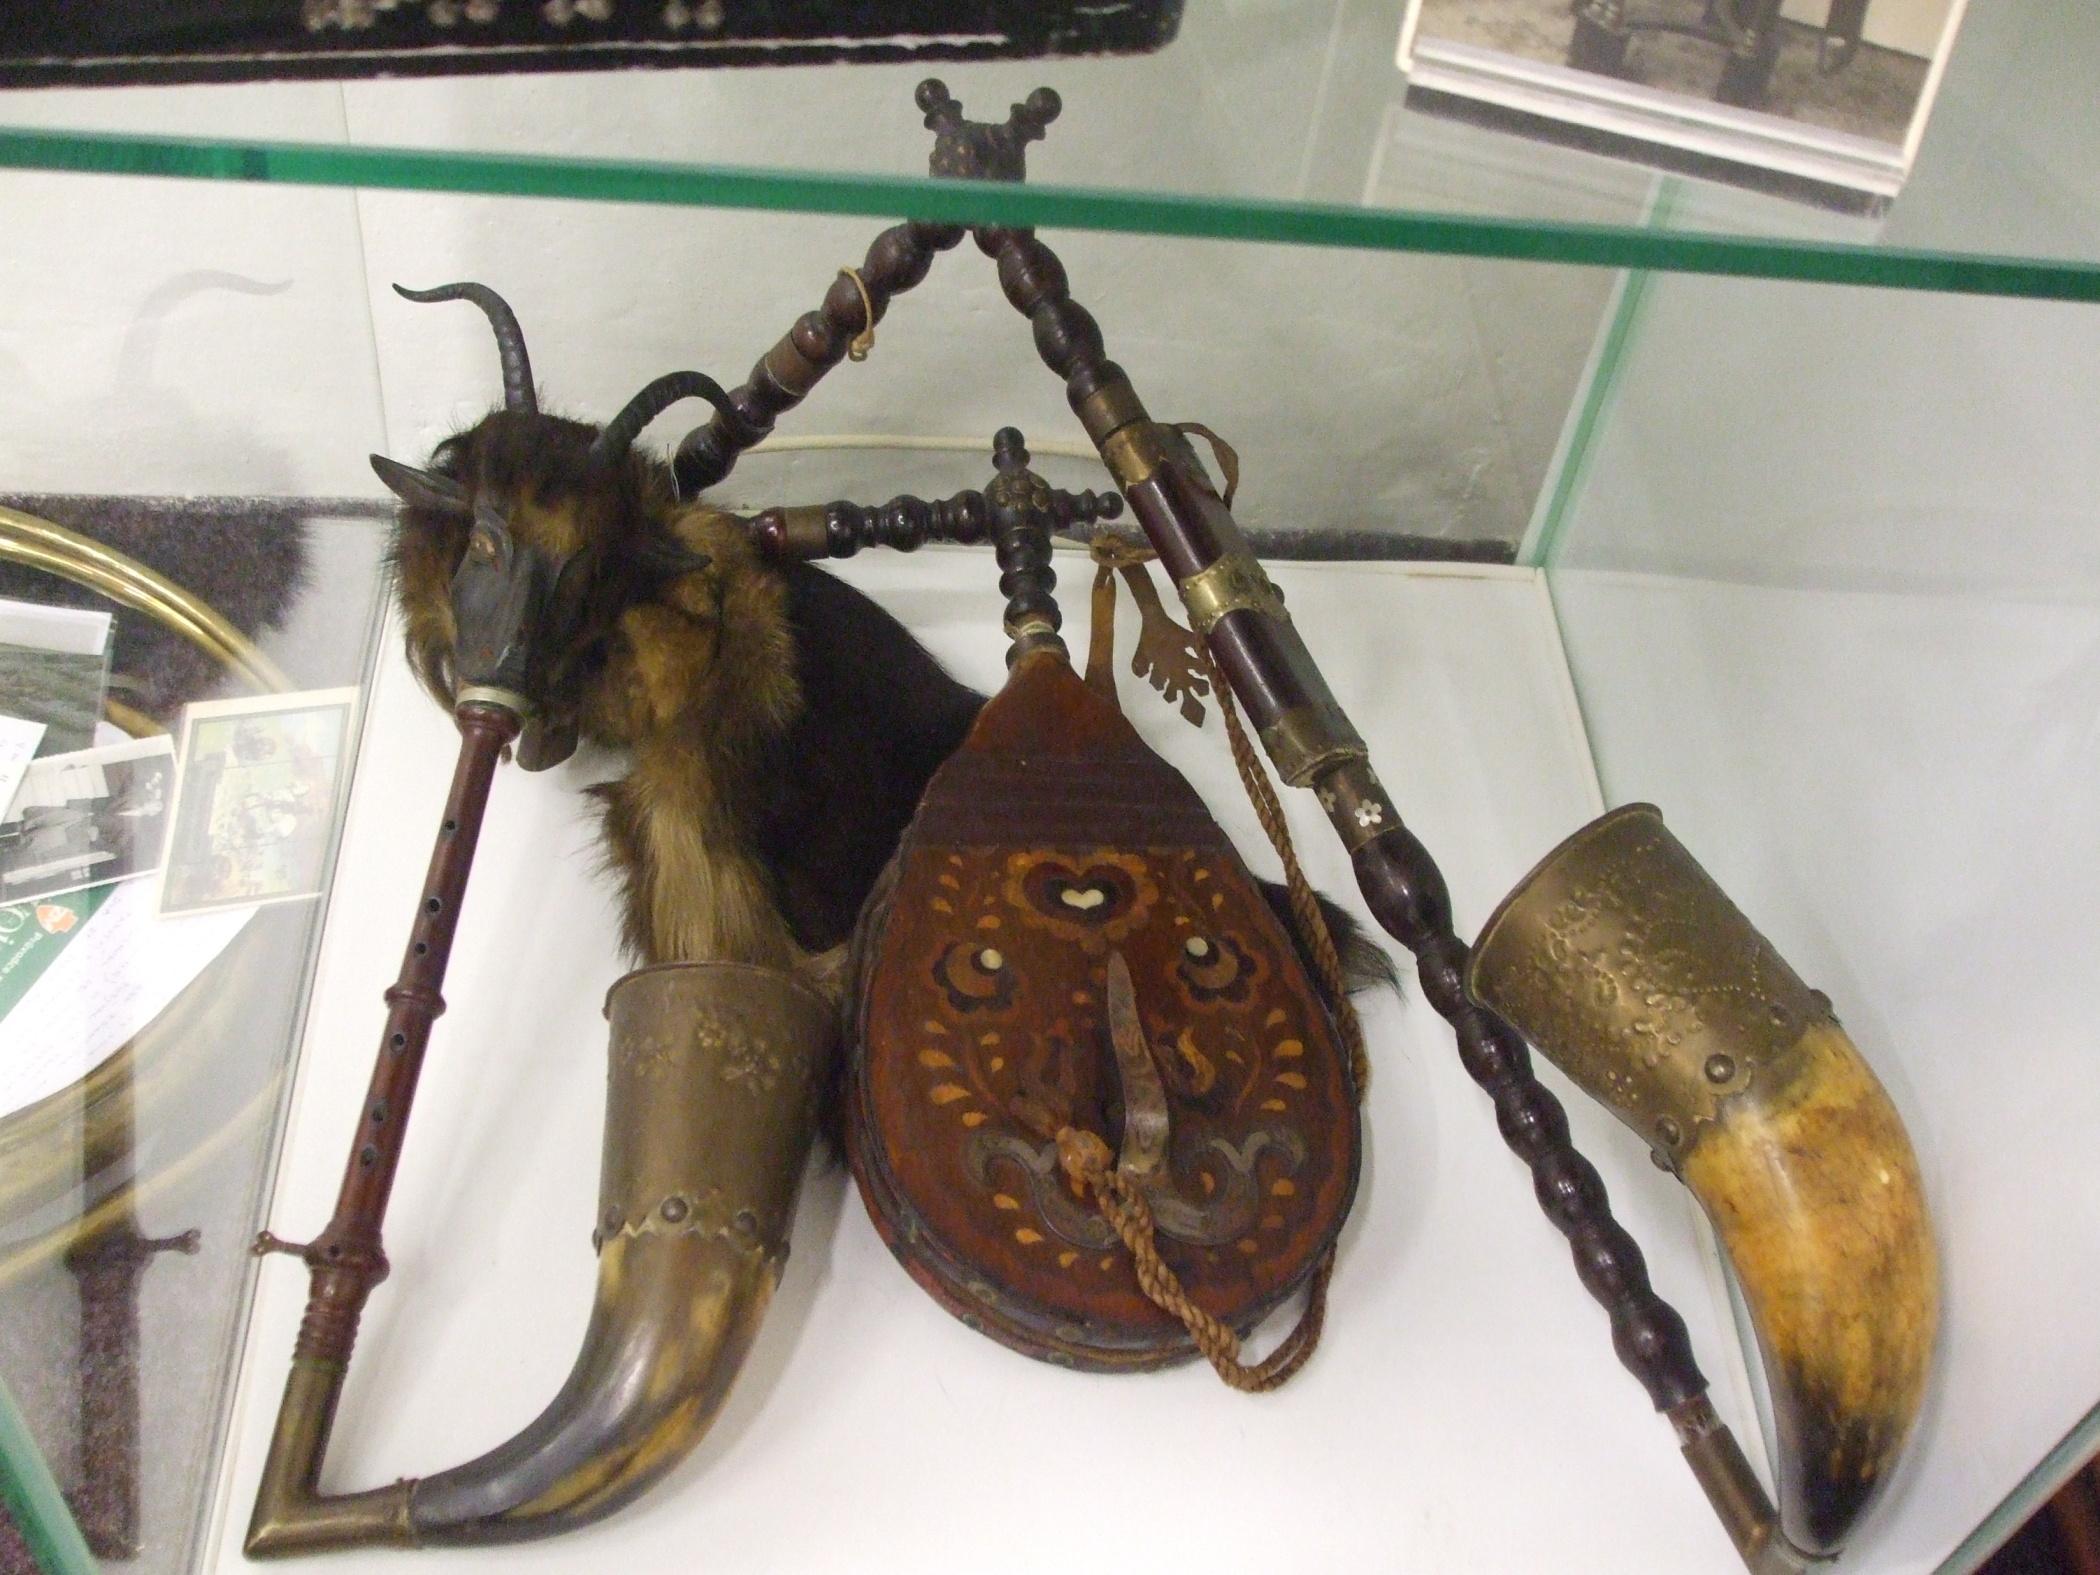 Výstava hudebních nástrojů v Žatci - dudy